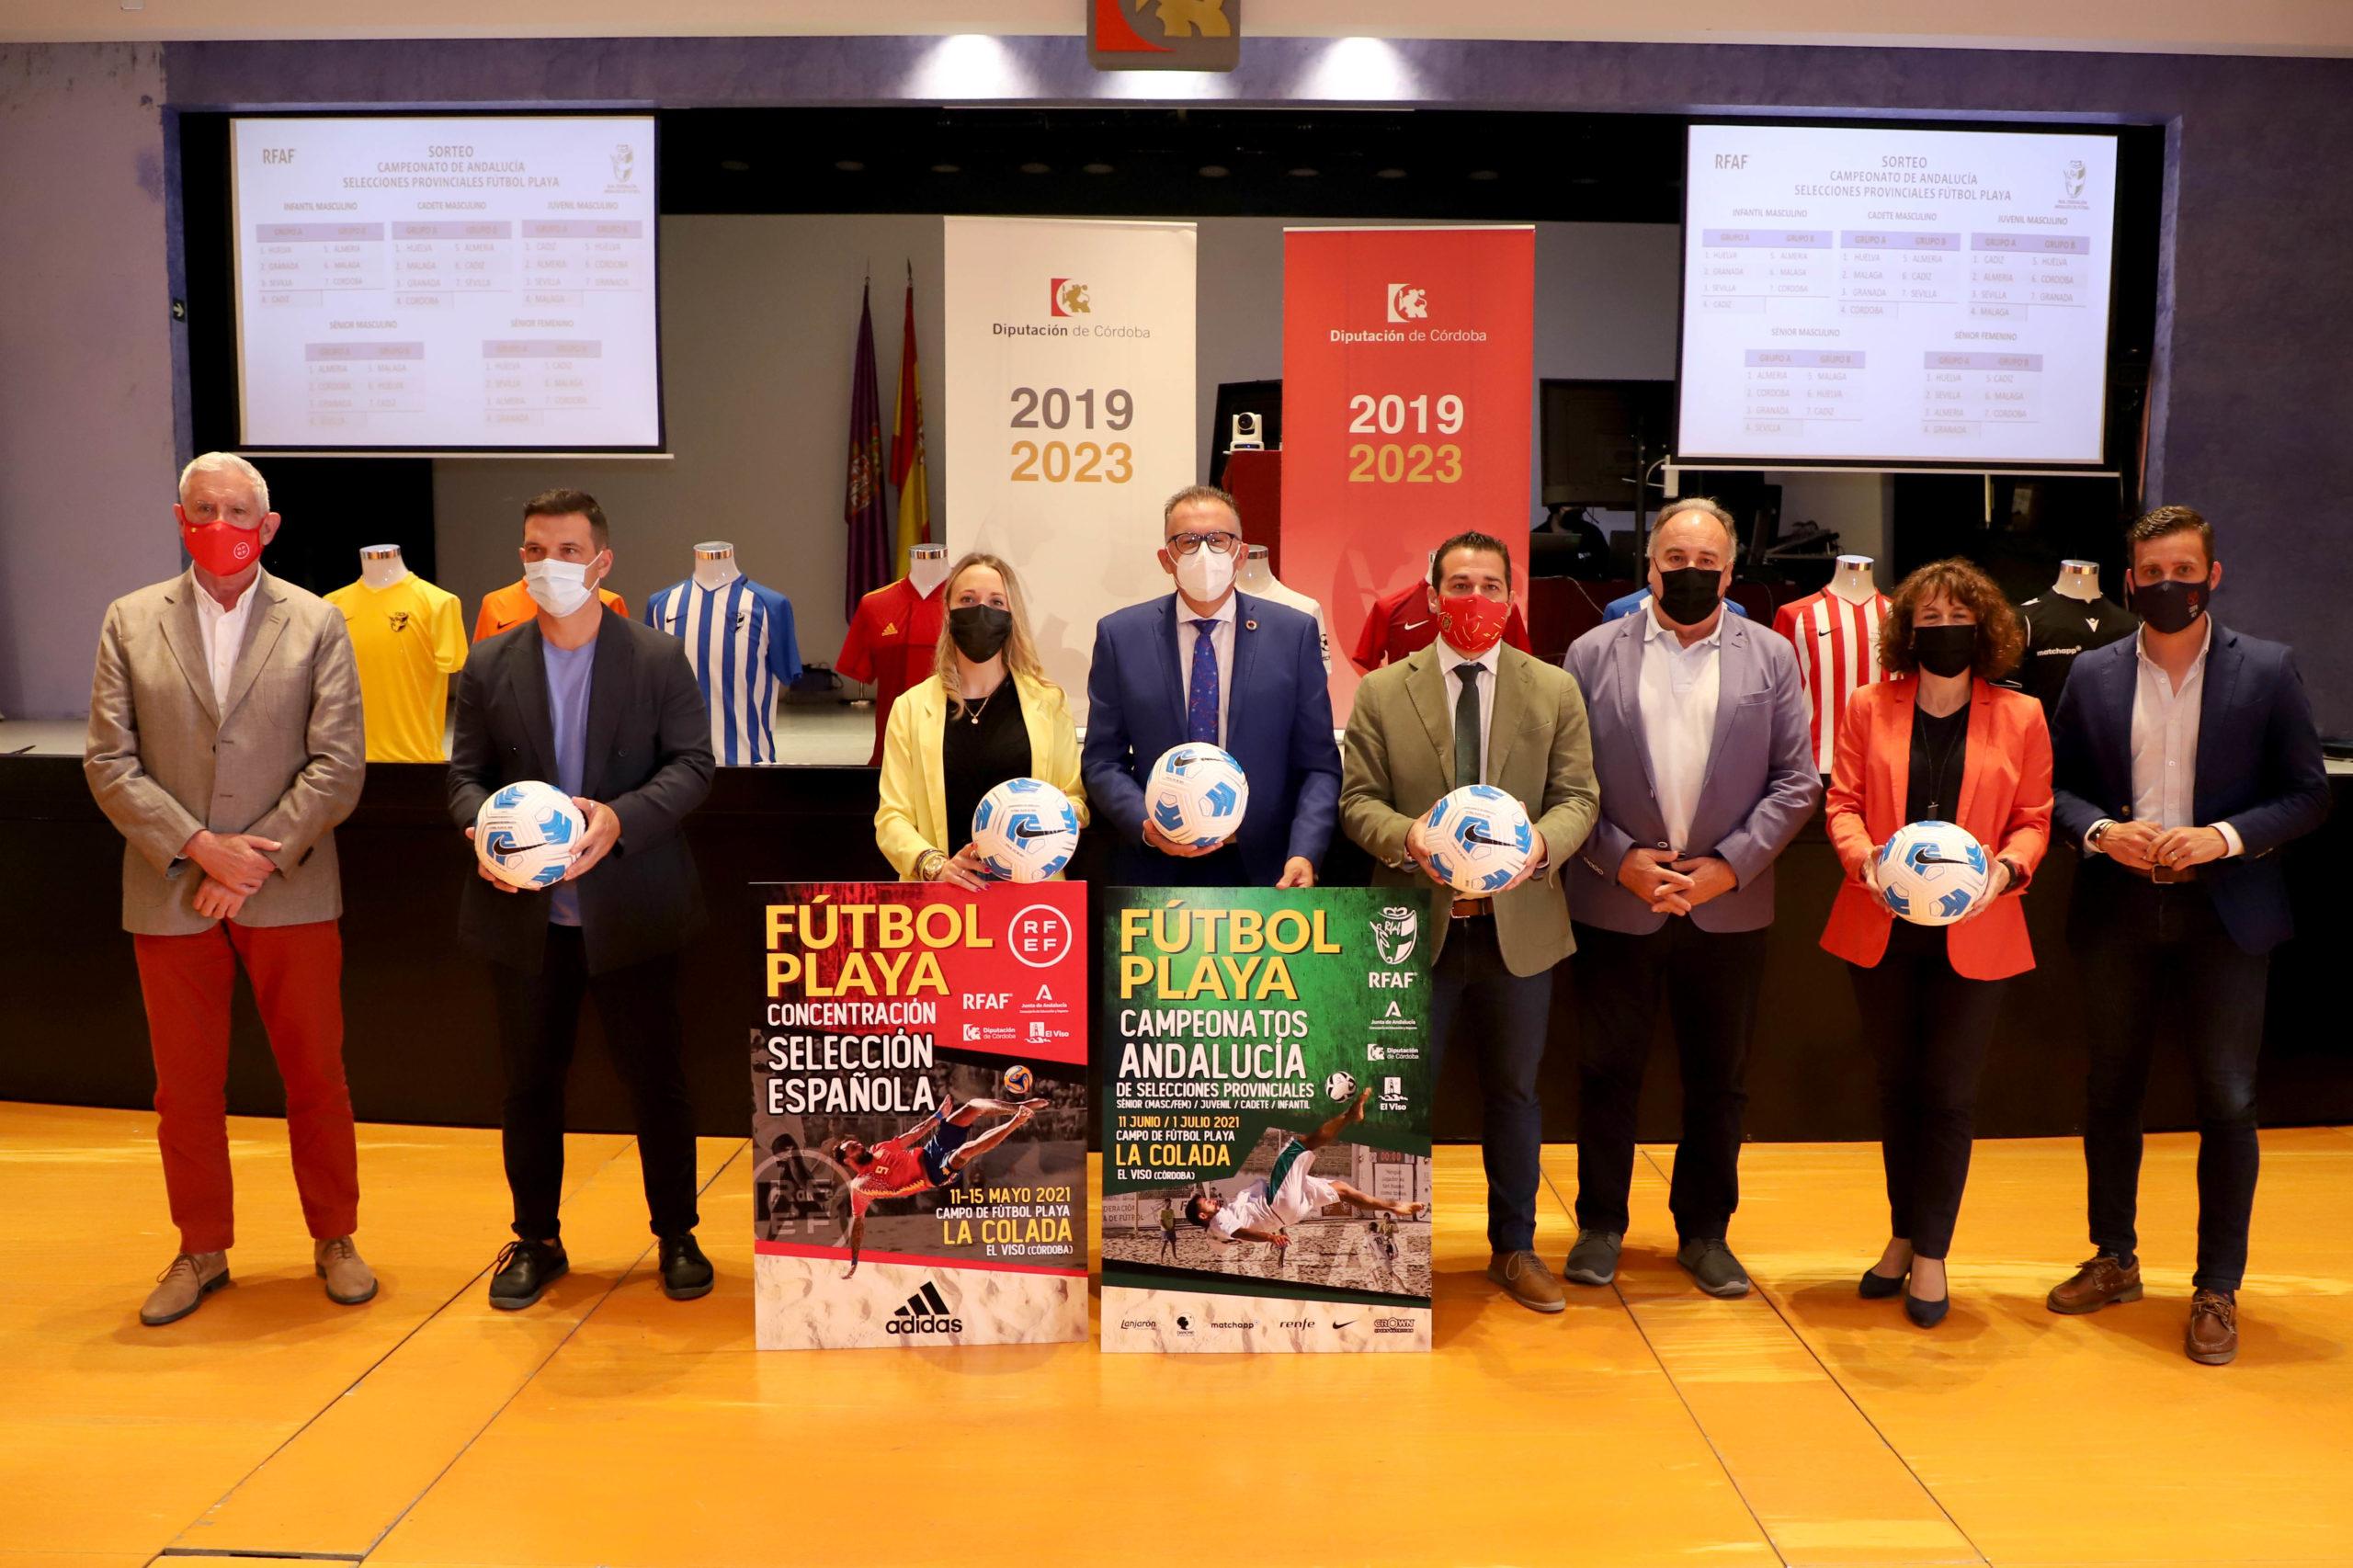 La playa de La Colada acogerá, del 21 al 30 de junio, el Campeonato de Andalucía de Fútbol Playa